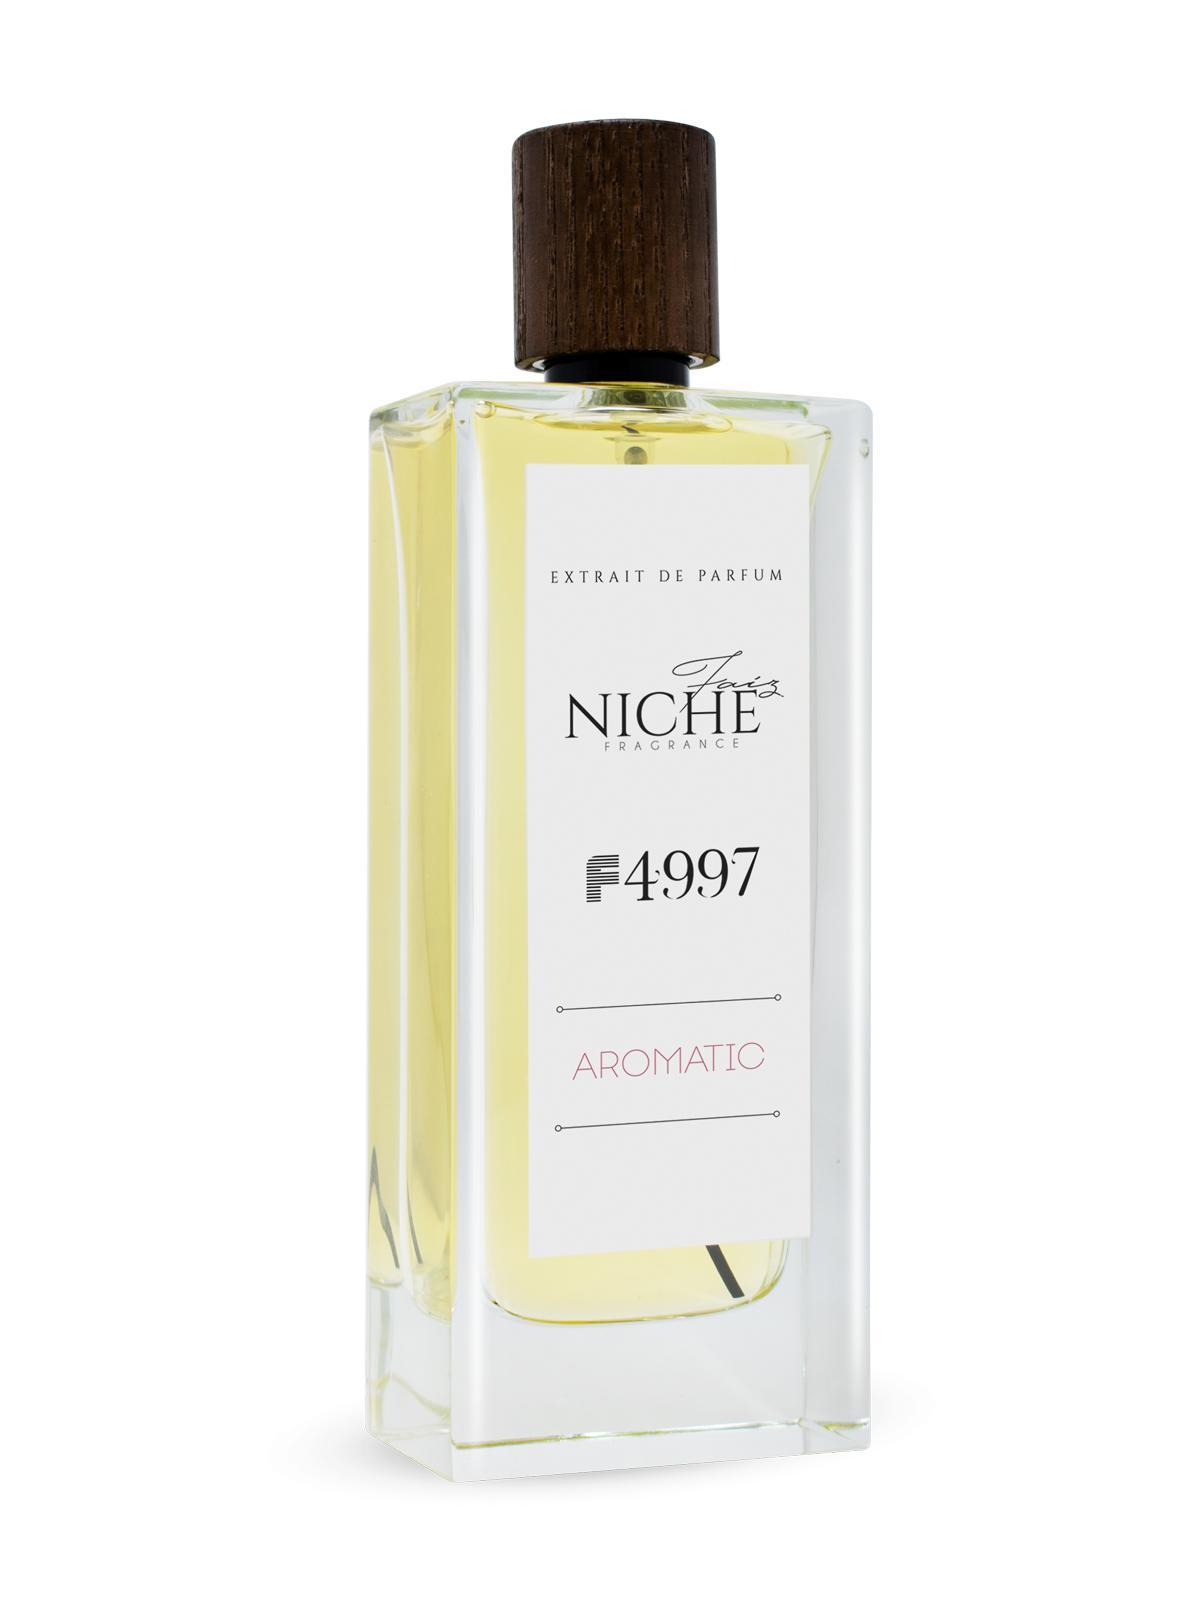 Faiz Niche Collection Aromatic F4997 Extrait De Parfum 80ML